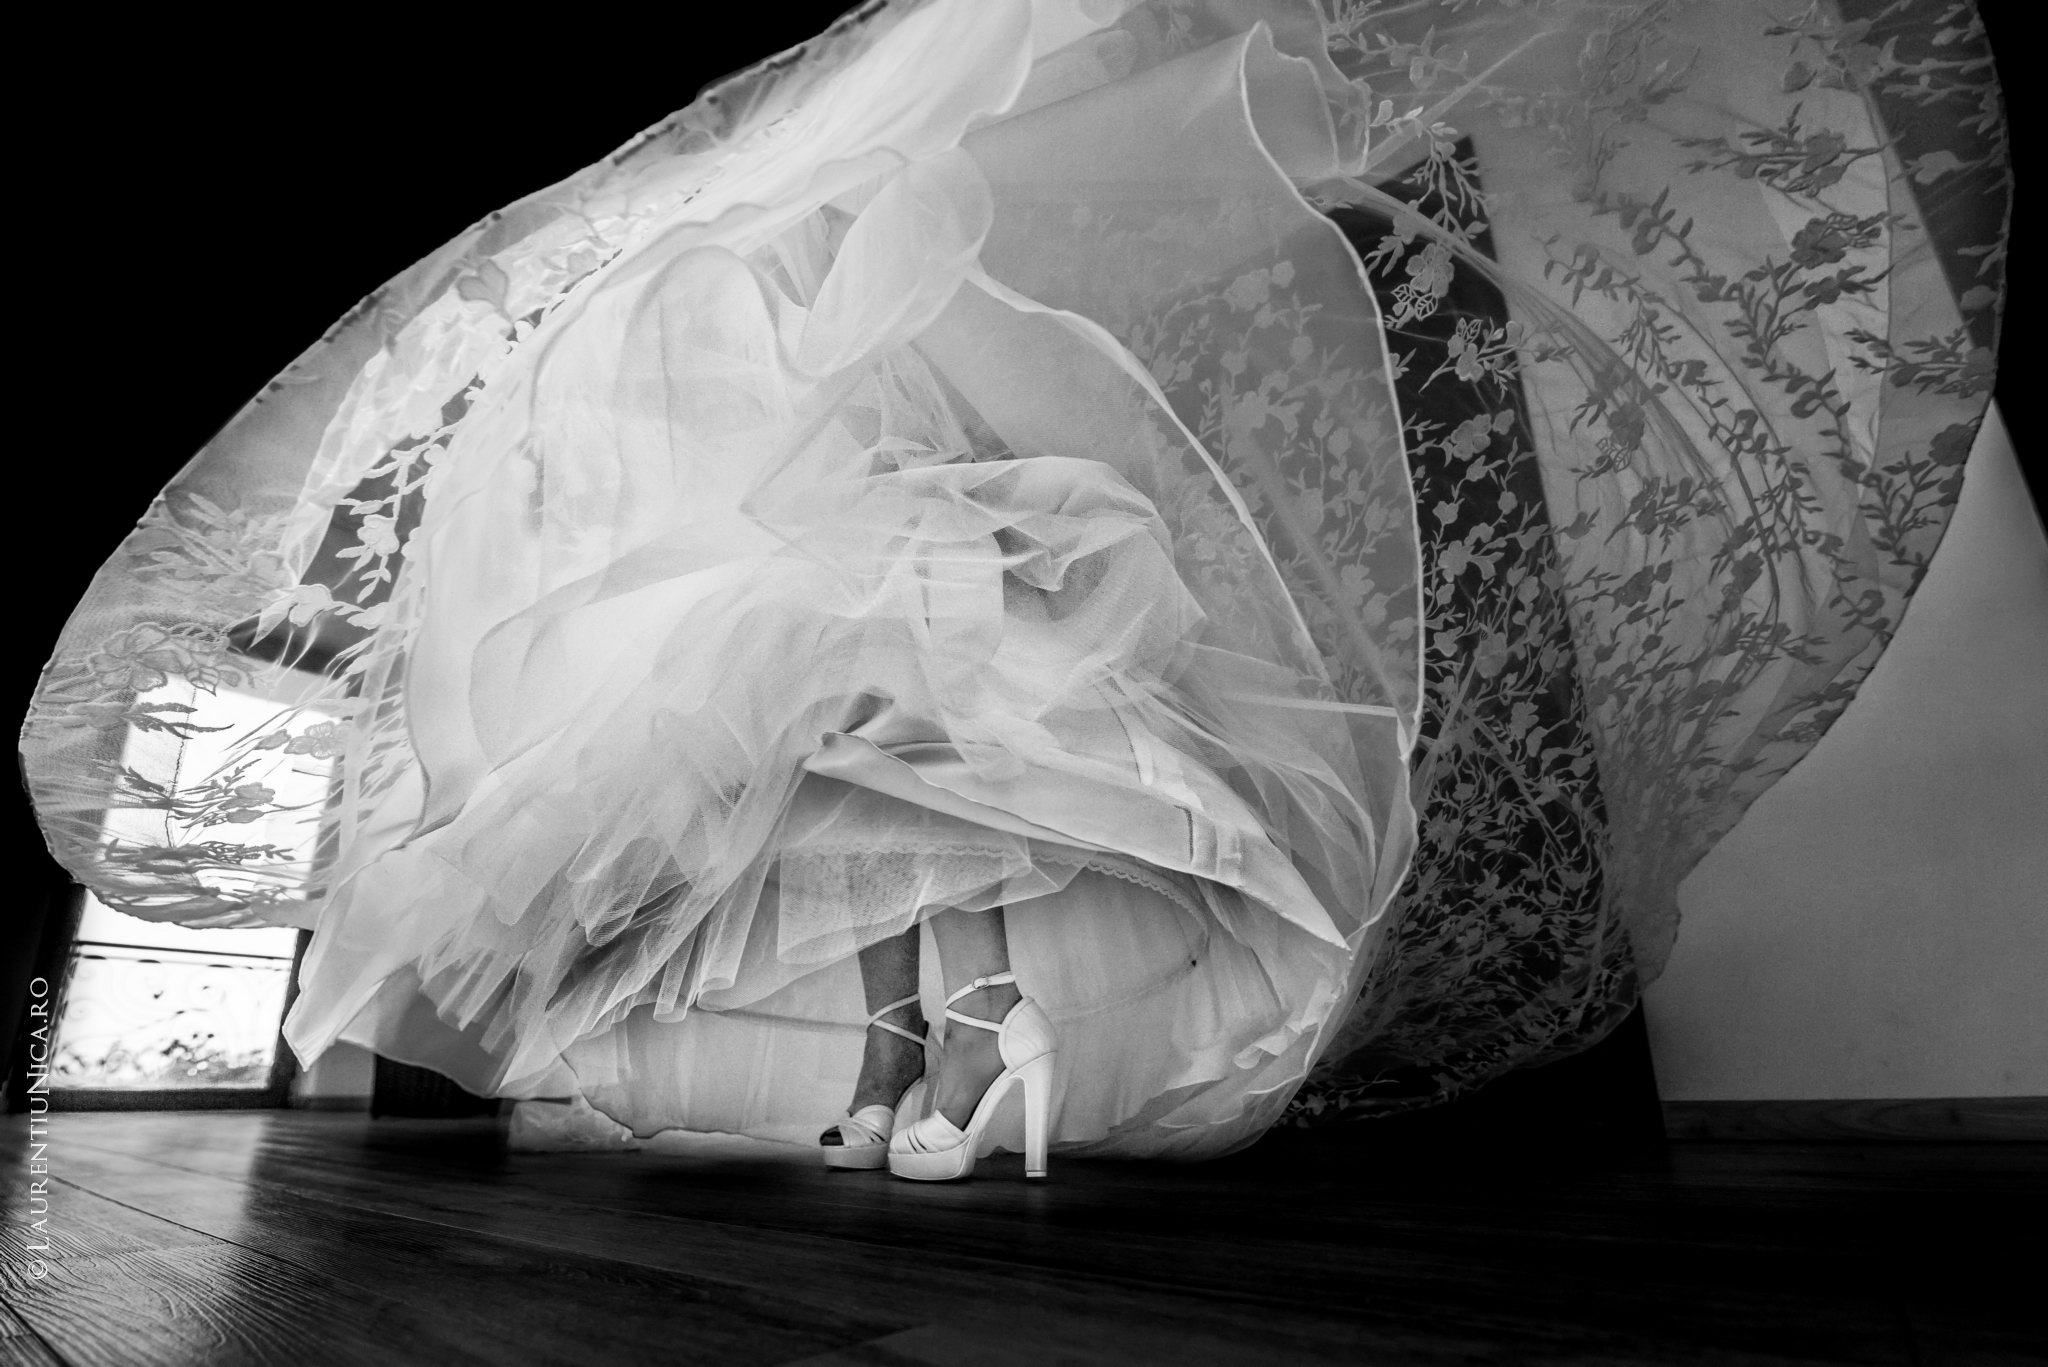 fotografii nunta denisa si florin craiova 07 - Denisa & Florin | Fotografii nunta | Craiova